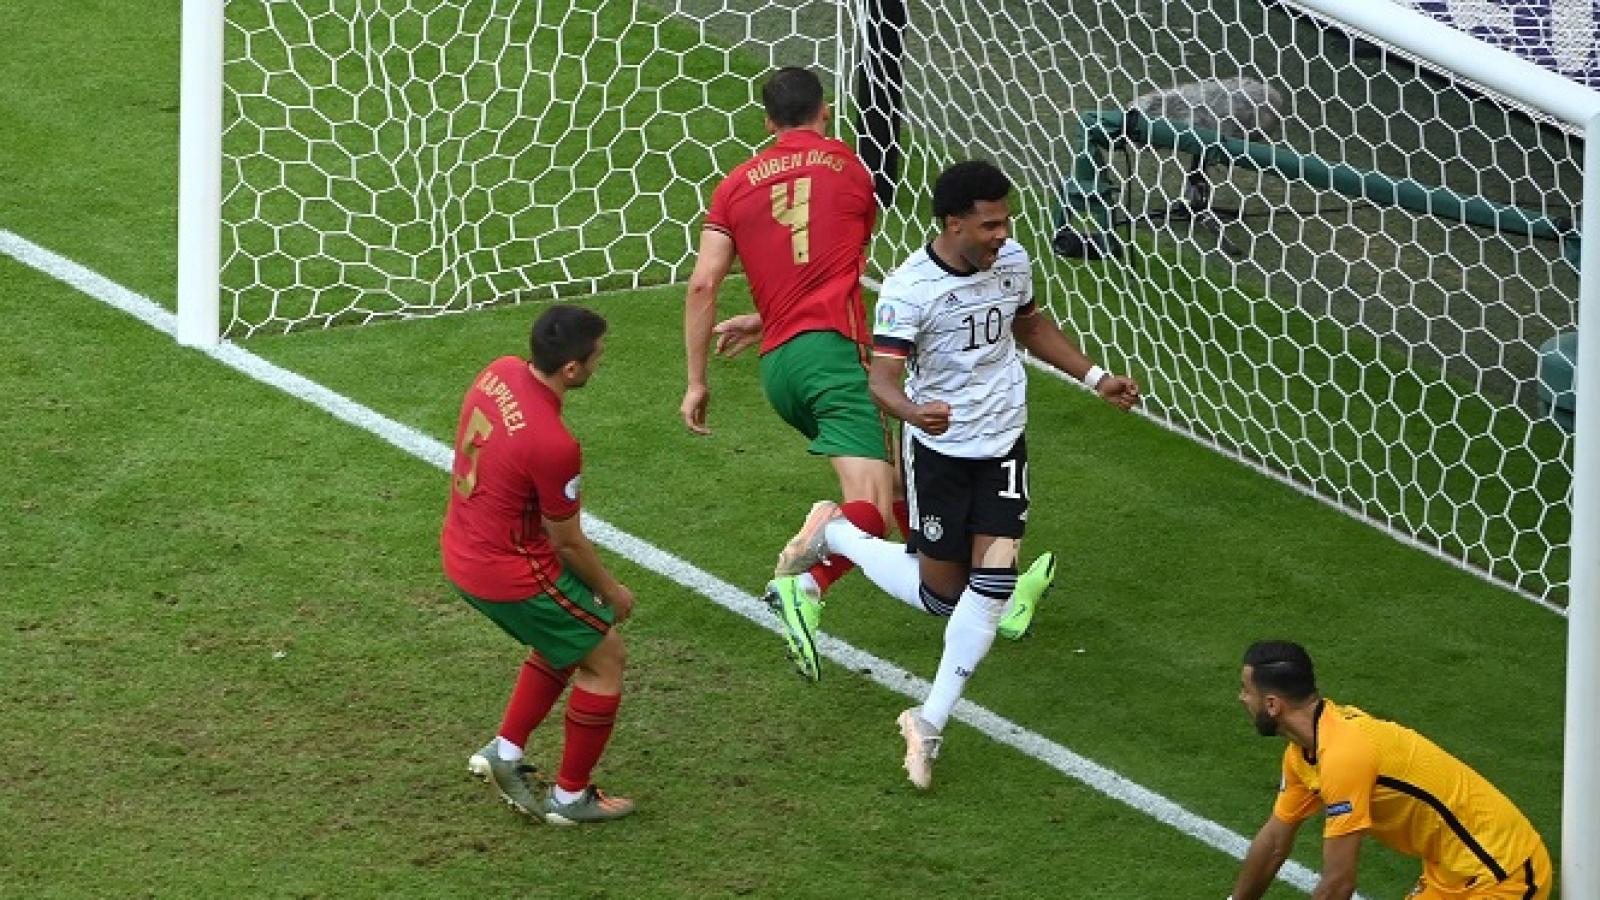 Cận cảnh 11 bàn phản lưới nhà ở EURO 2021